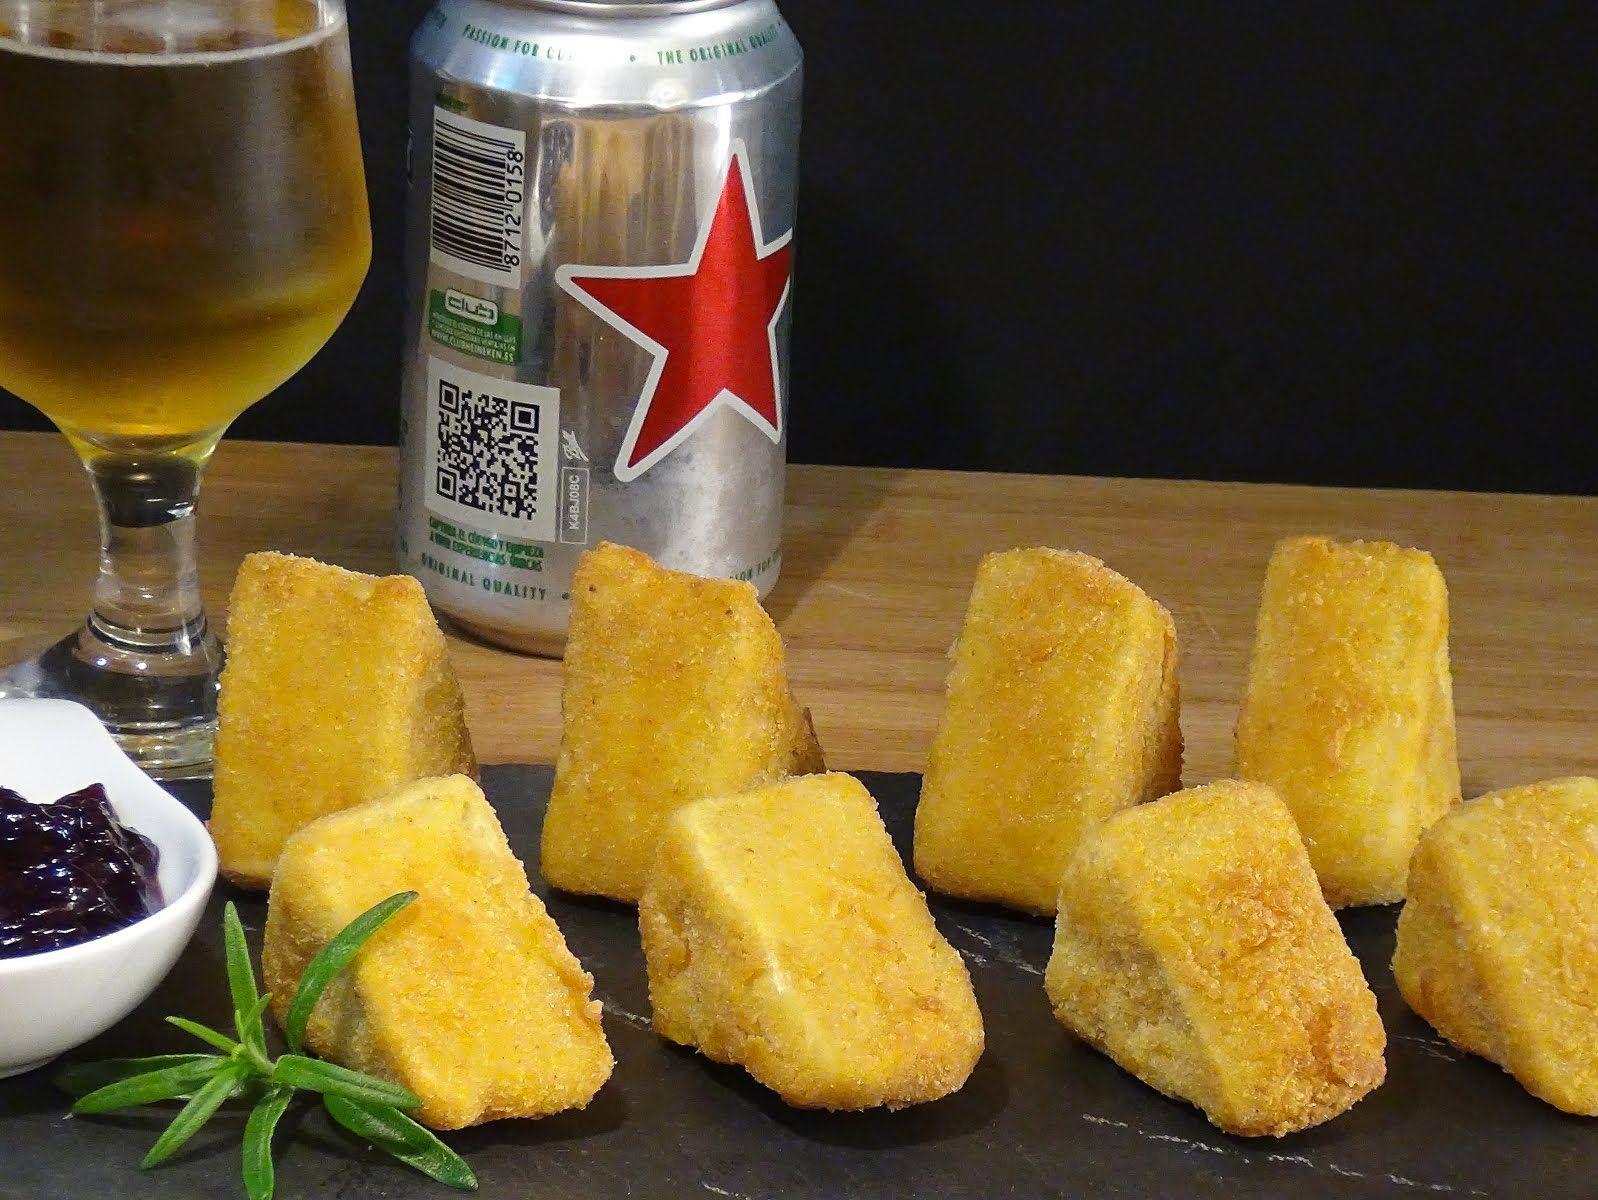 Queso rebozado y frito, un aperitivo o entrarte que les sorprenderá por su textura y sabor . Receta en el Blog: http://lacocinadelolidominguez.blogspot.com.es/2015/04/queso-rebozado-y-frito.html  . Videoreceta en You Tube: https://www.youtube.com/watch?v=tp2UUStRdF0